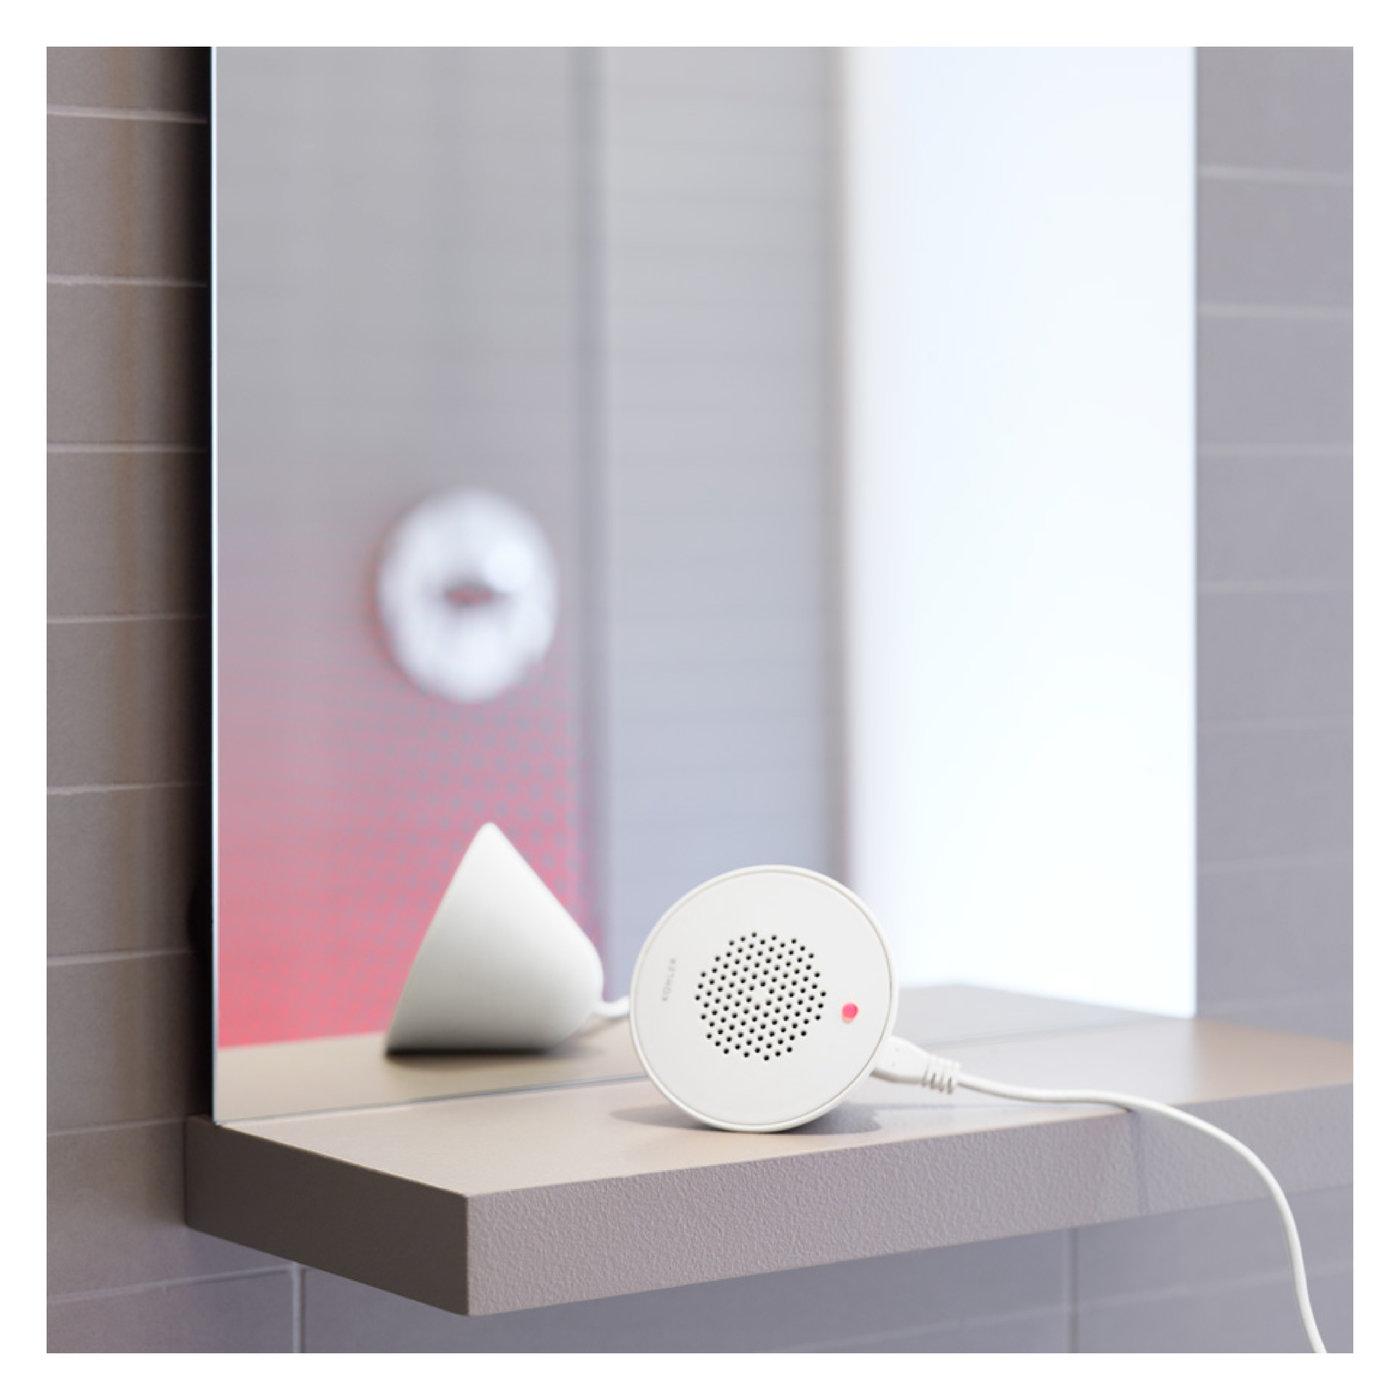 Kohler Moxie Showerhead With Integrated Bluetooth Speaker